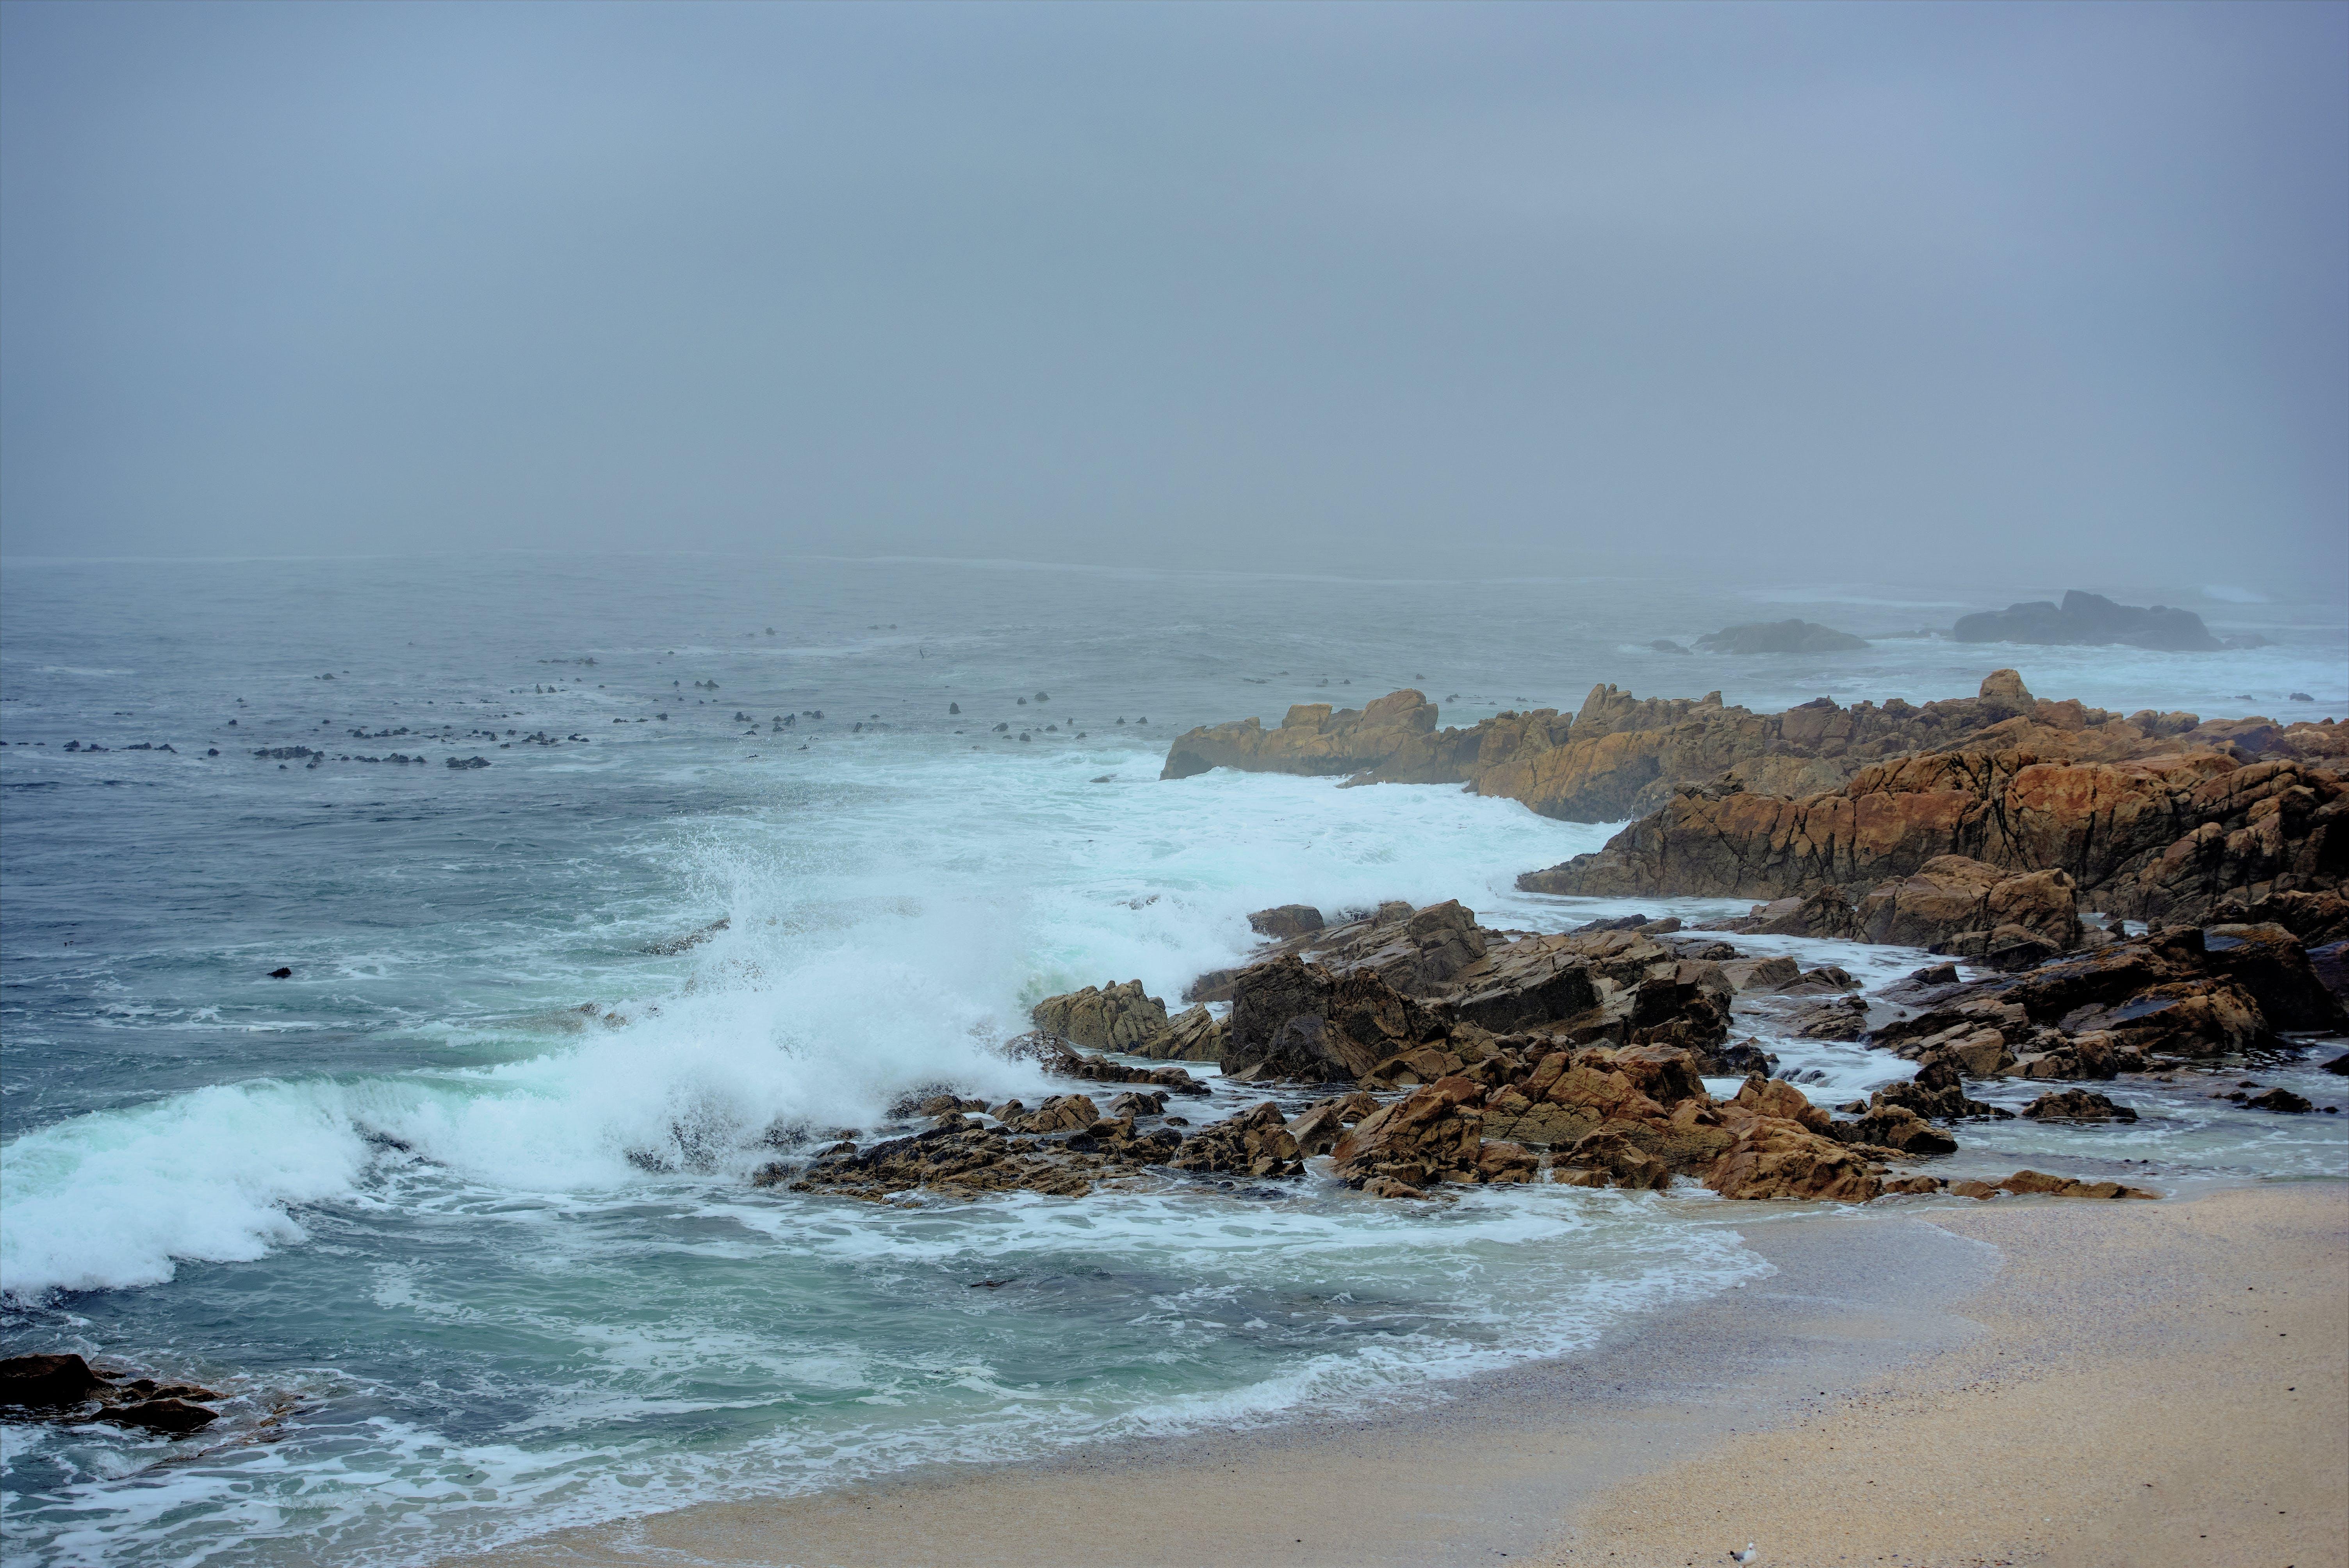 Gratis lagerfoto af atlanterhavet, blå hav, kystnært, strand